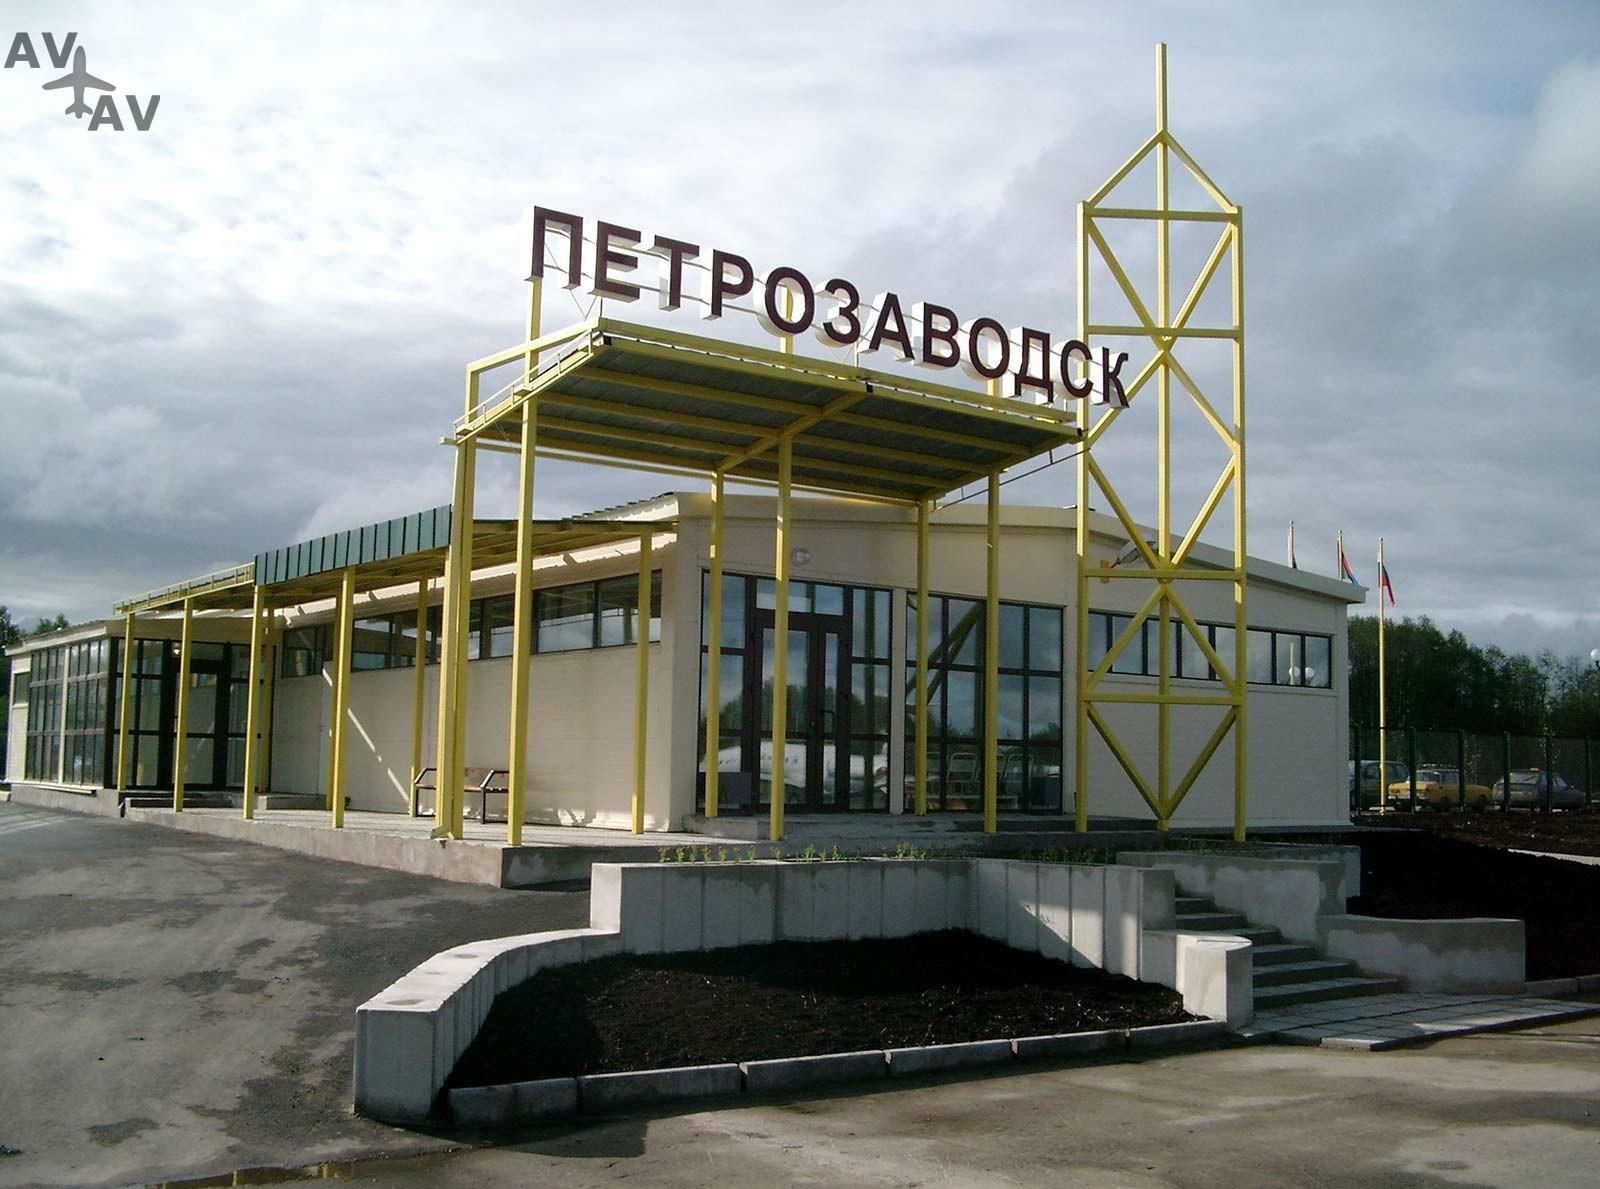 petrozavodsk - Аэропорт Петрозаводска будет оборудован системой радиолокации